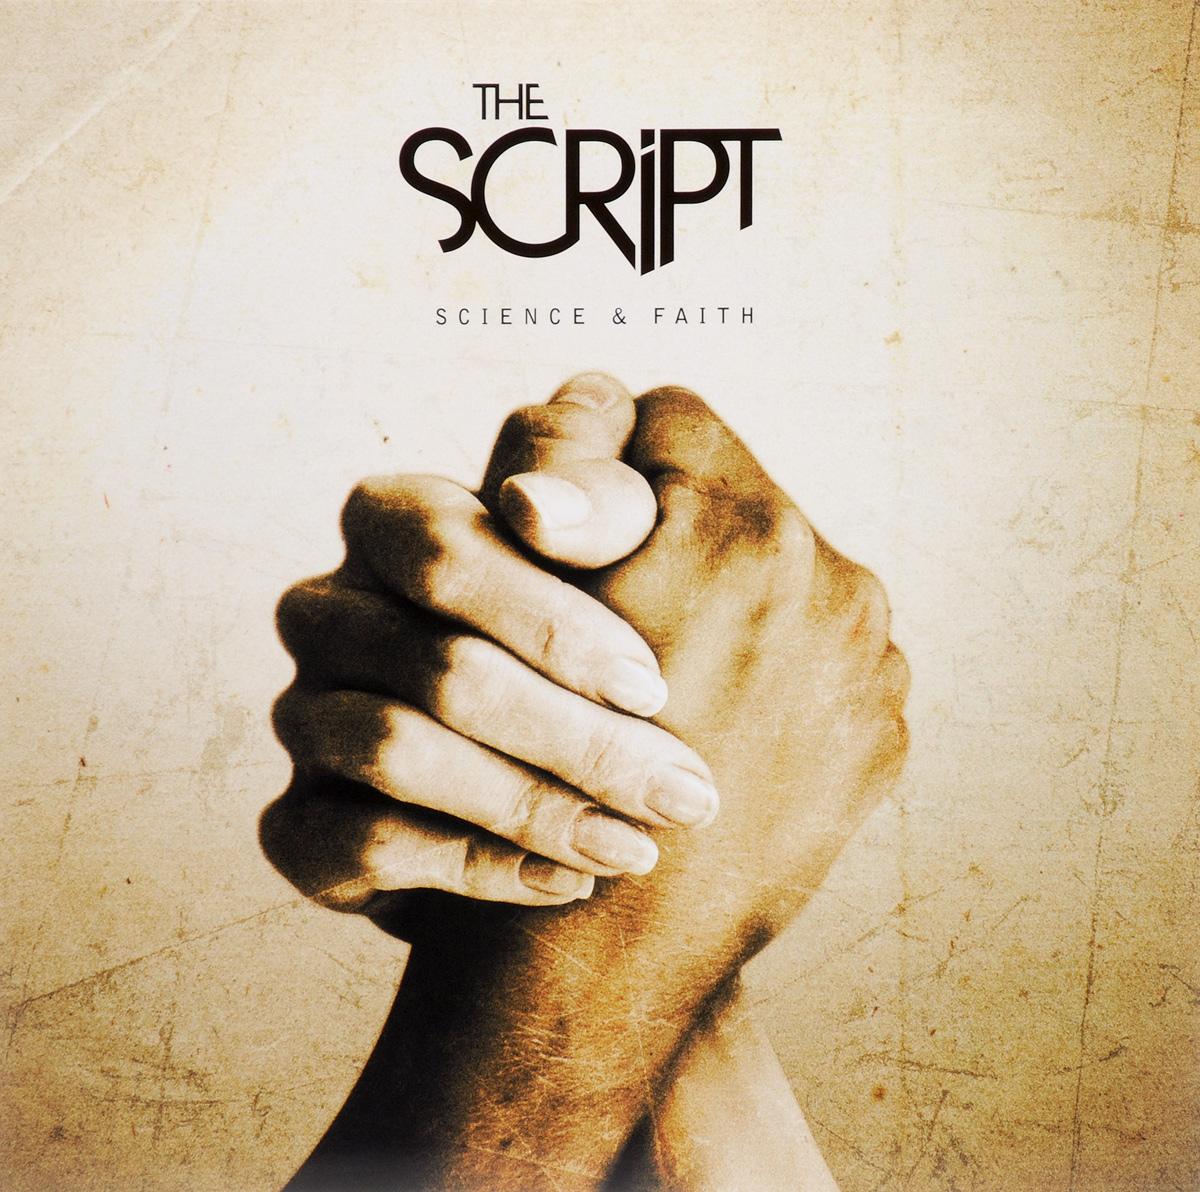 Издание содержит иллюстрированную раскладку с текстами песен и дополнительной информацией на английском языке.